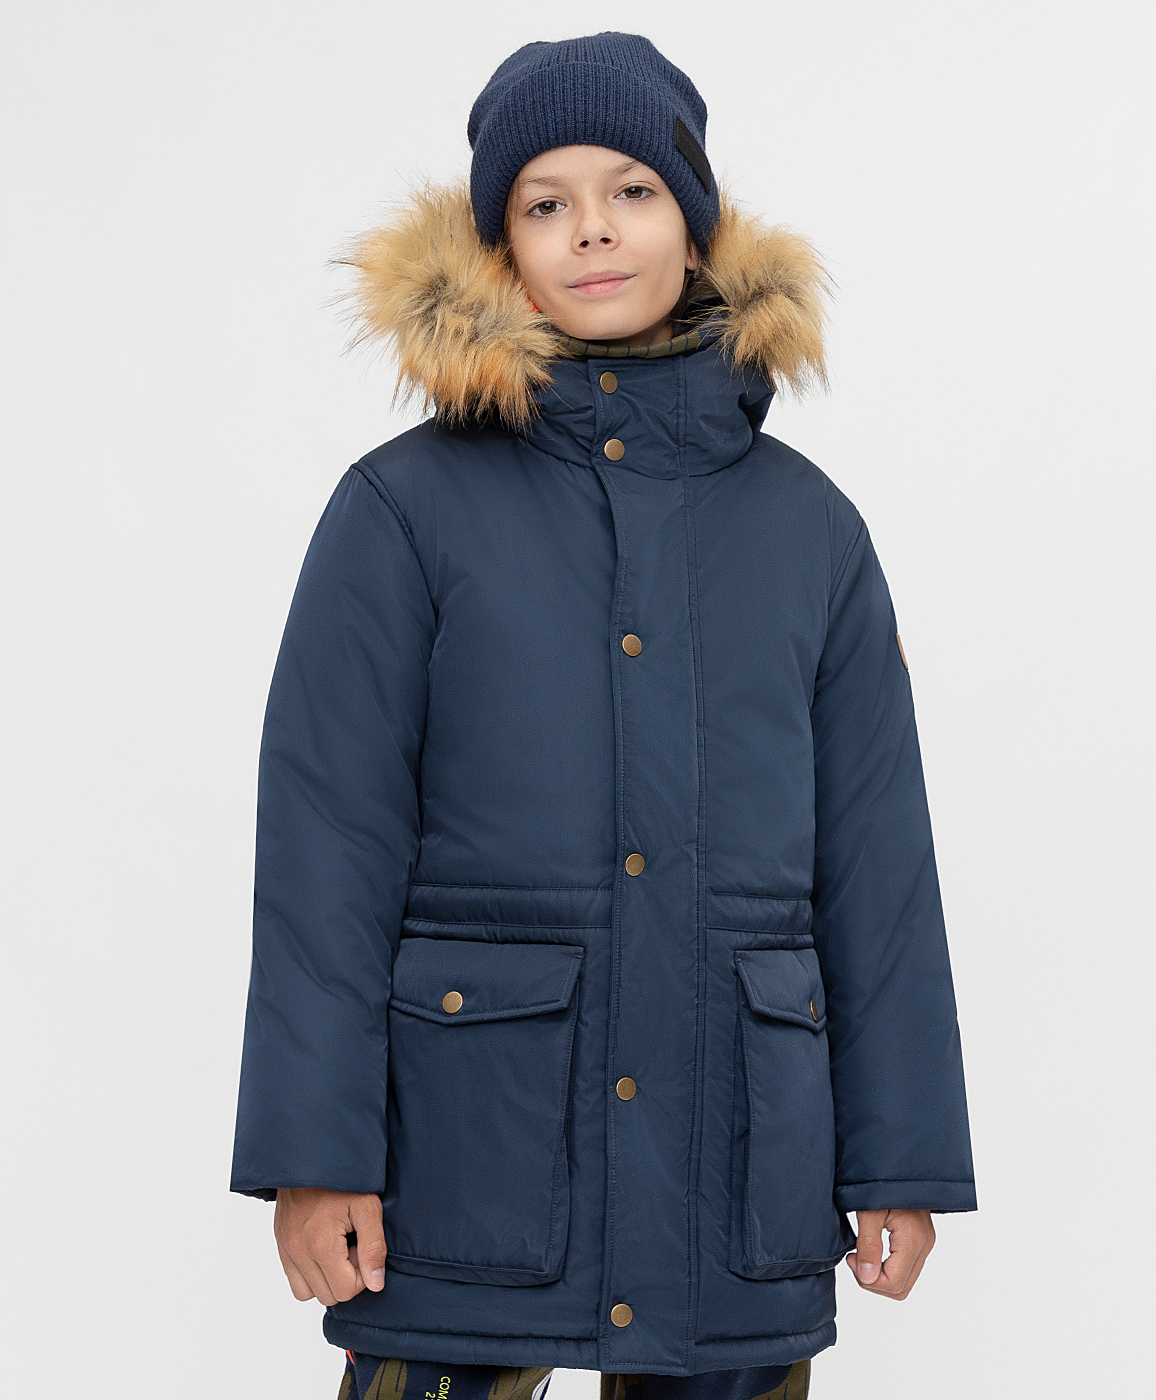 Купить 221BBBJC45021000, Пальто зимнее с капюшоном Button Blue, синий, 140, Полиэстер, Мужской, Зима, ОСЕНЬ/ЗИМА 2021-2022 (shop: GulliverMarket Gulliver Market)